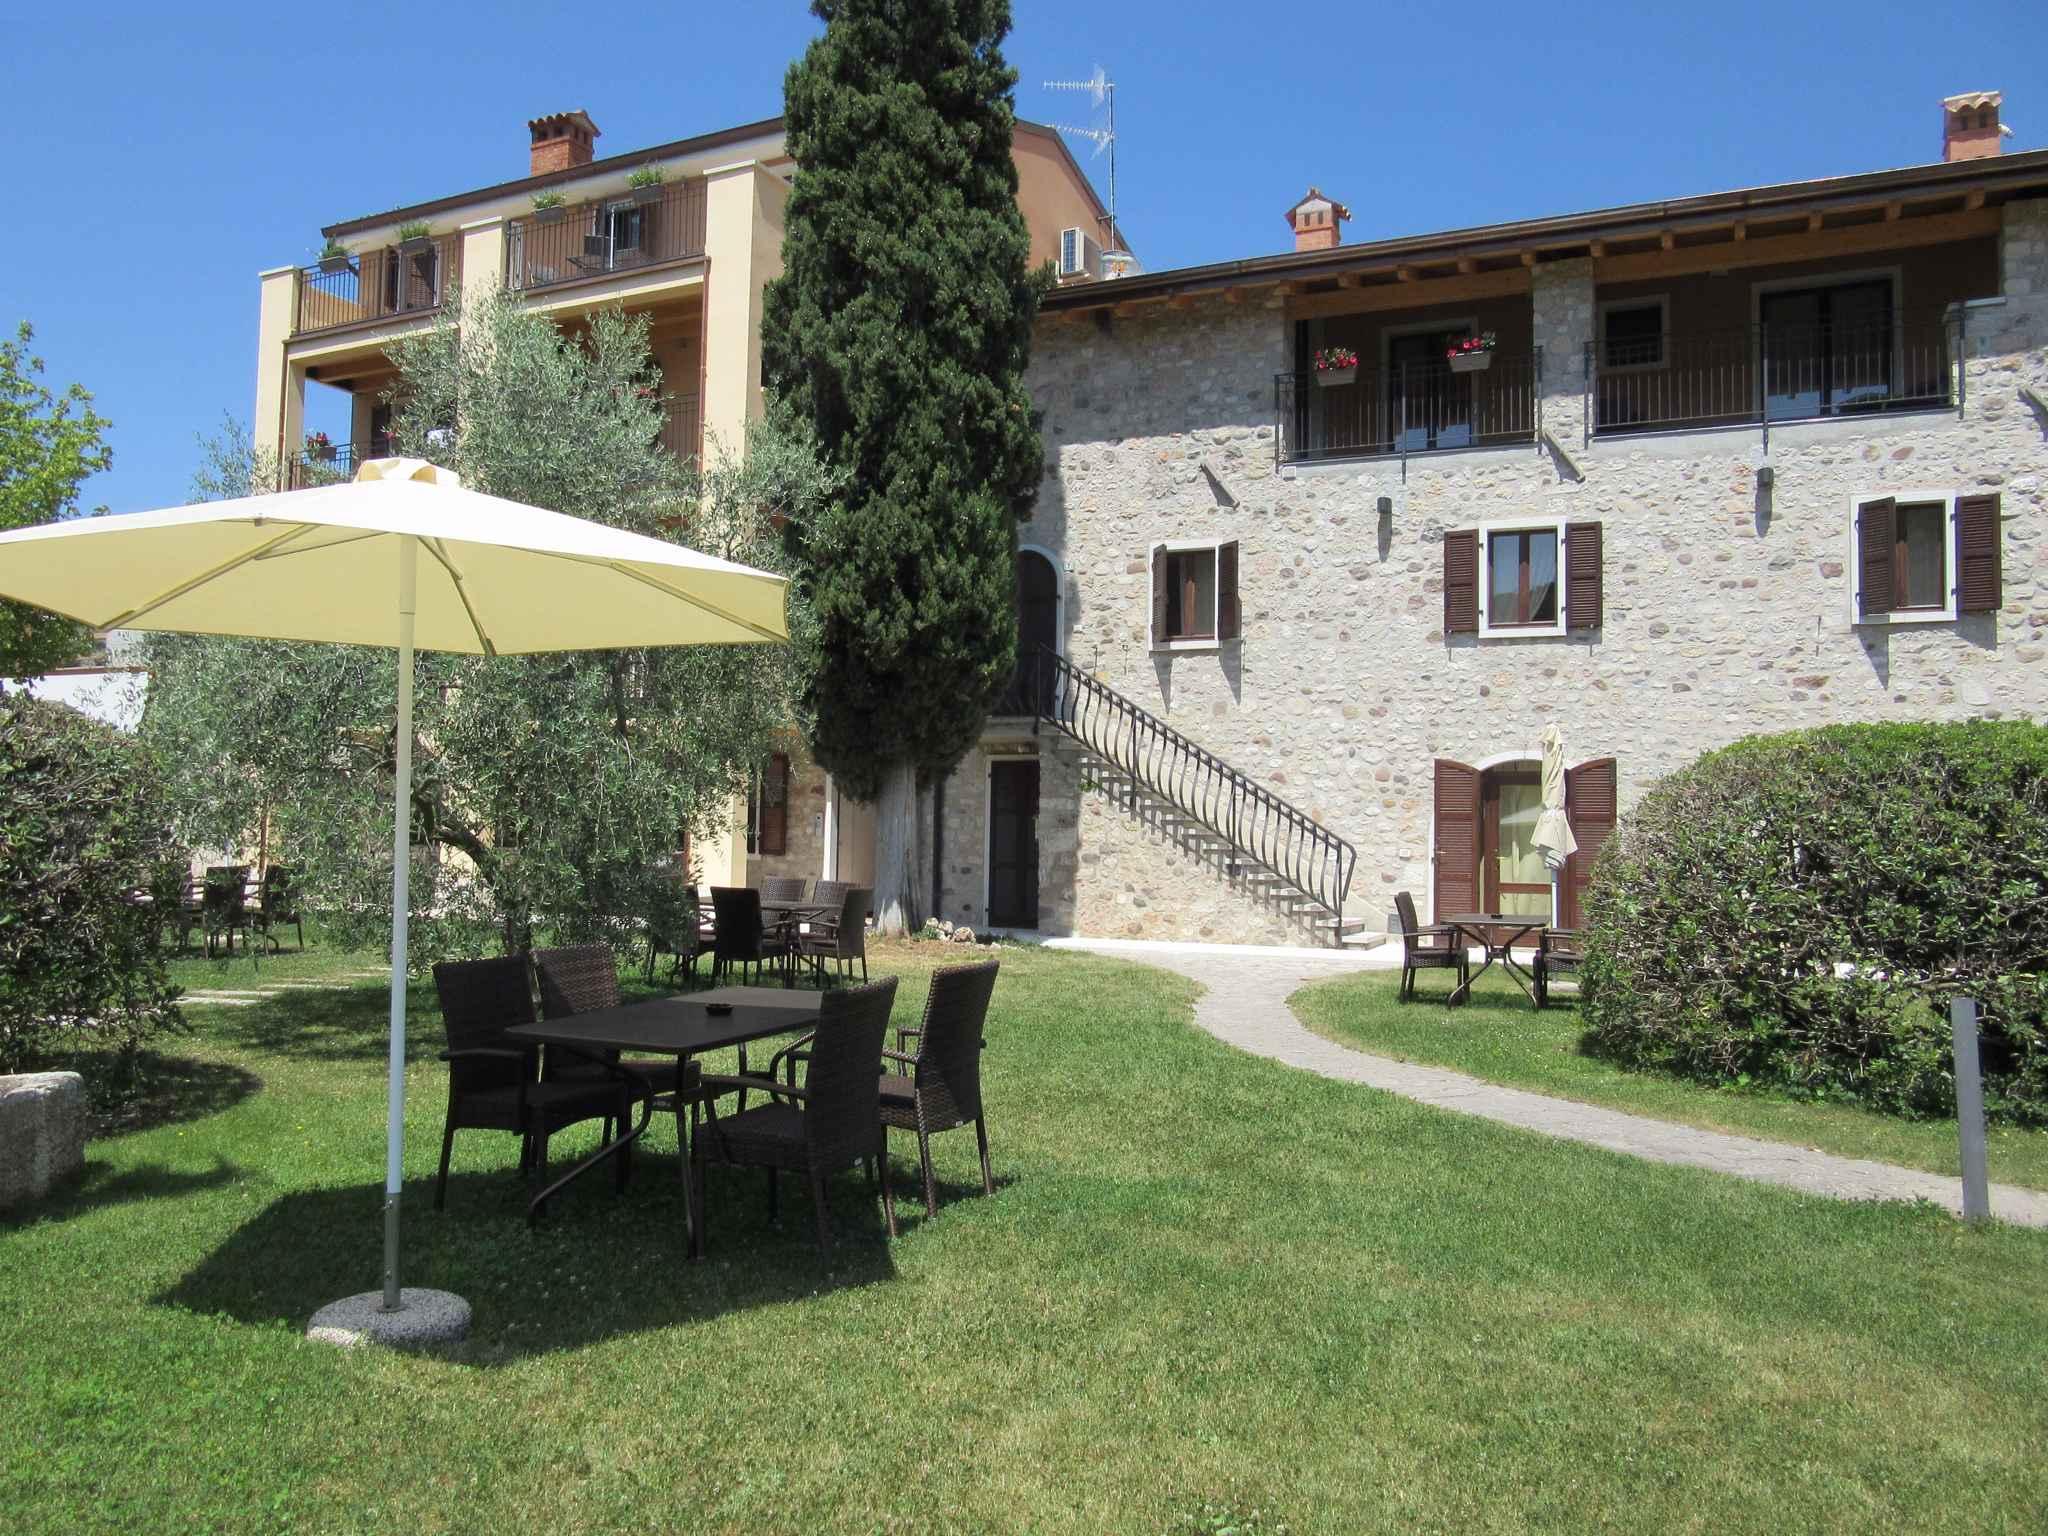 Ferienwohnung Residenz Rustico (279544), Garda, Gardasee, Venetien, Italien, Bild 10